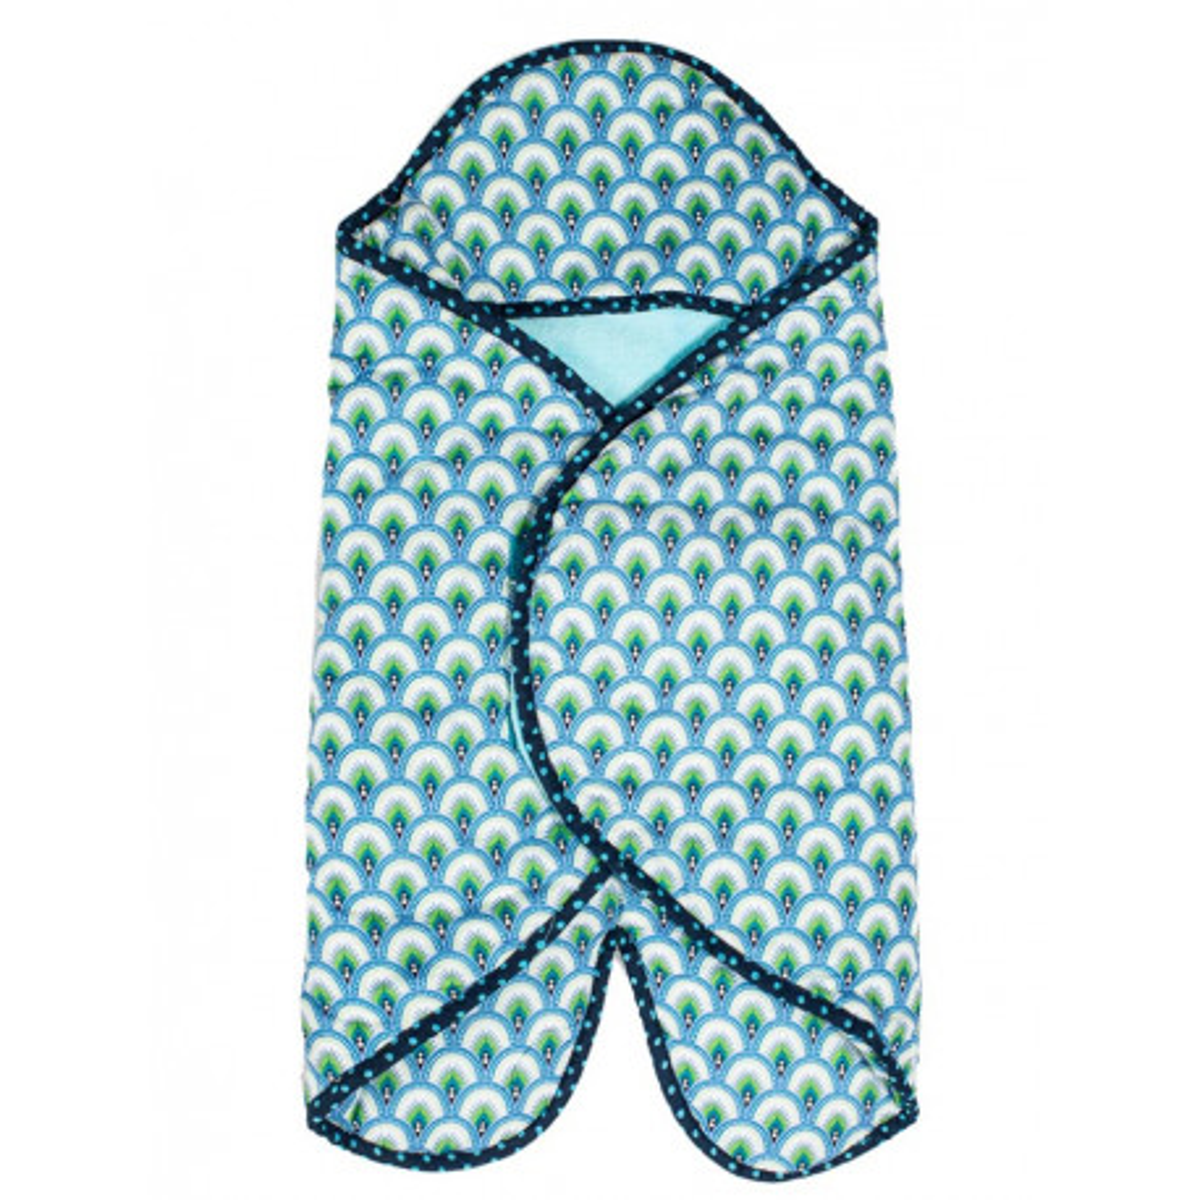 Nid d'ange couverture nomade coton éponge léger bébé 0-12 mois bleu